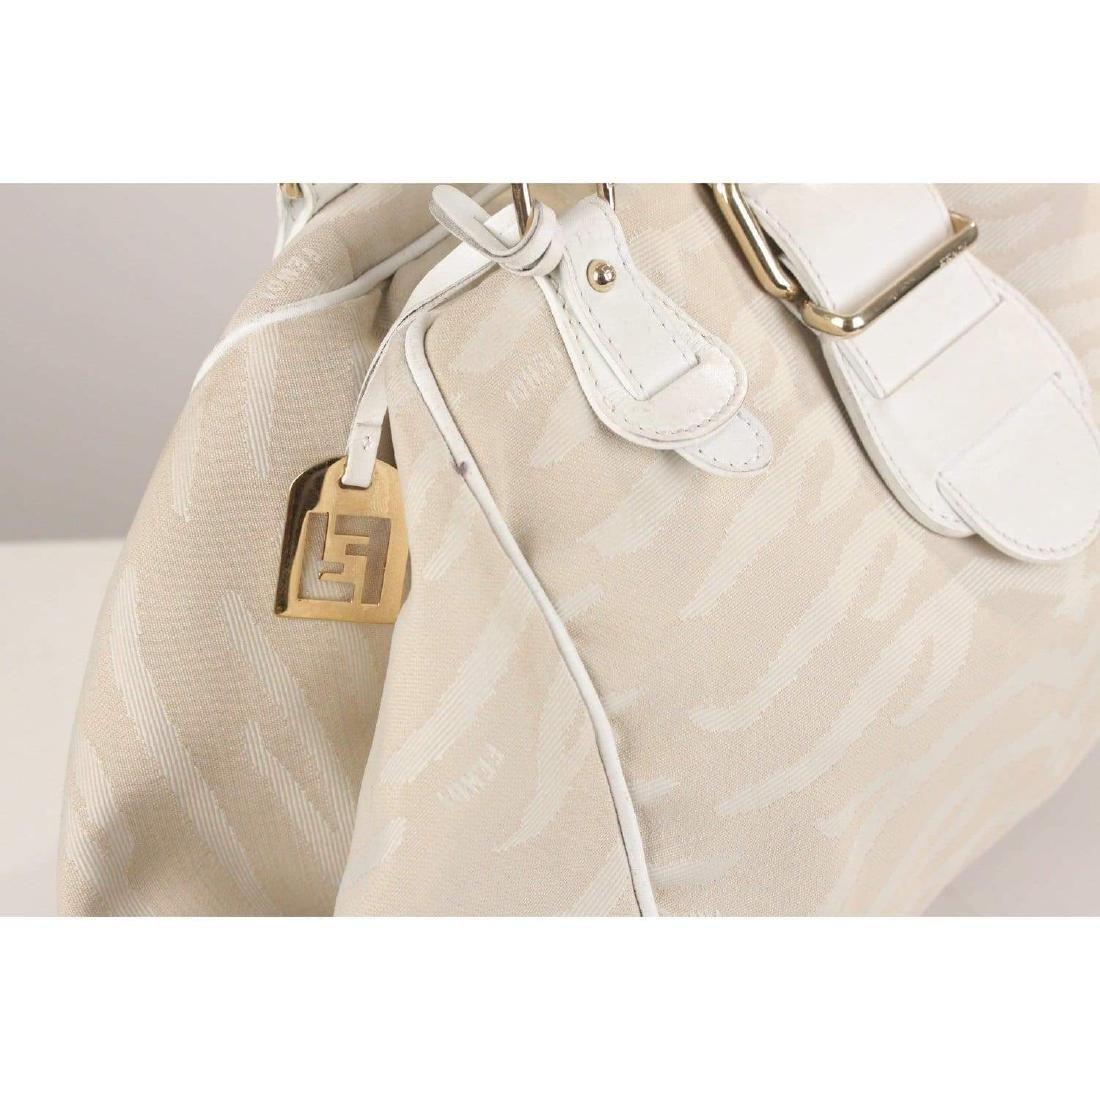 Fendi Zebra Canvas Tote Shoulder Bag - 8